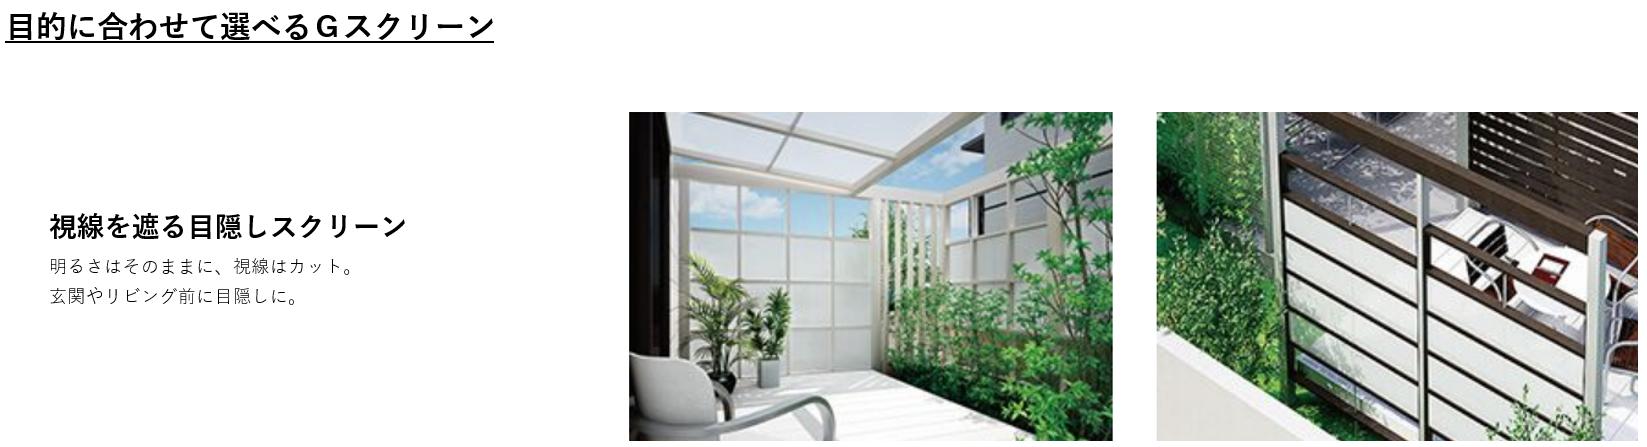 Gスクリーン 目的に合わせて選べるGスクリーン 視野を遮る目隠しスクリーン 明るさはそのままに、視野はカット。玄関やリビング前の目隠しに。